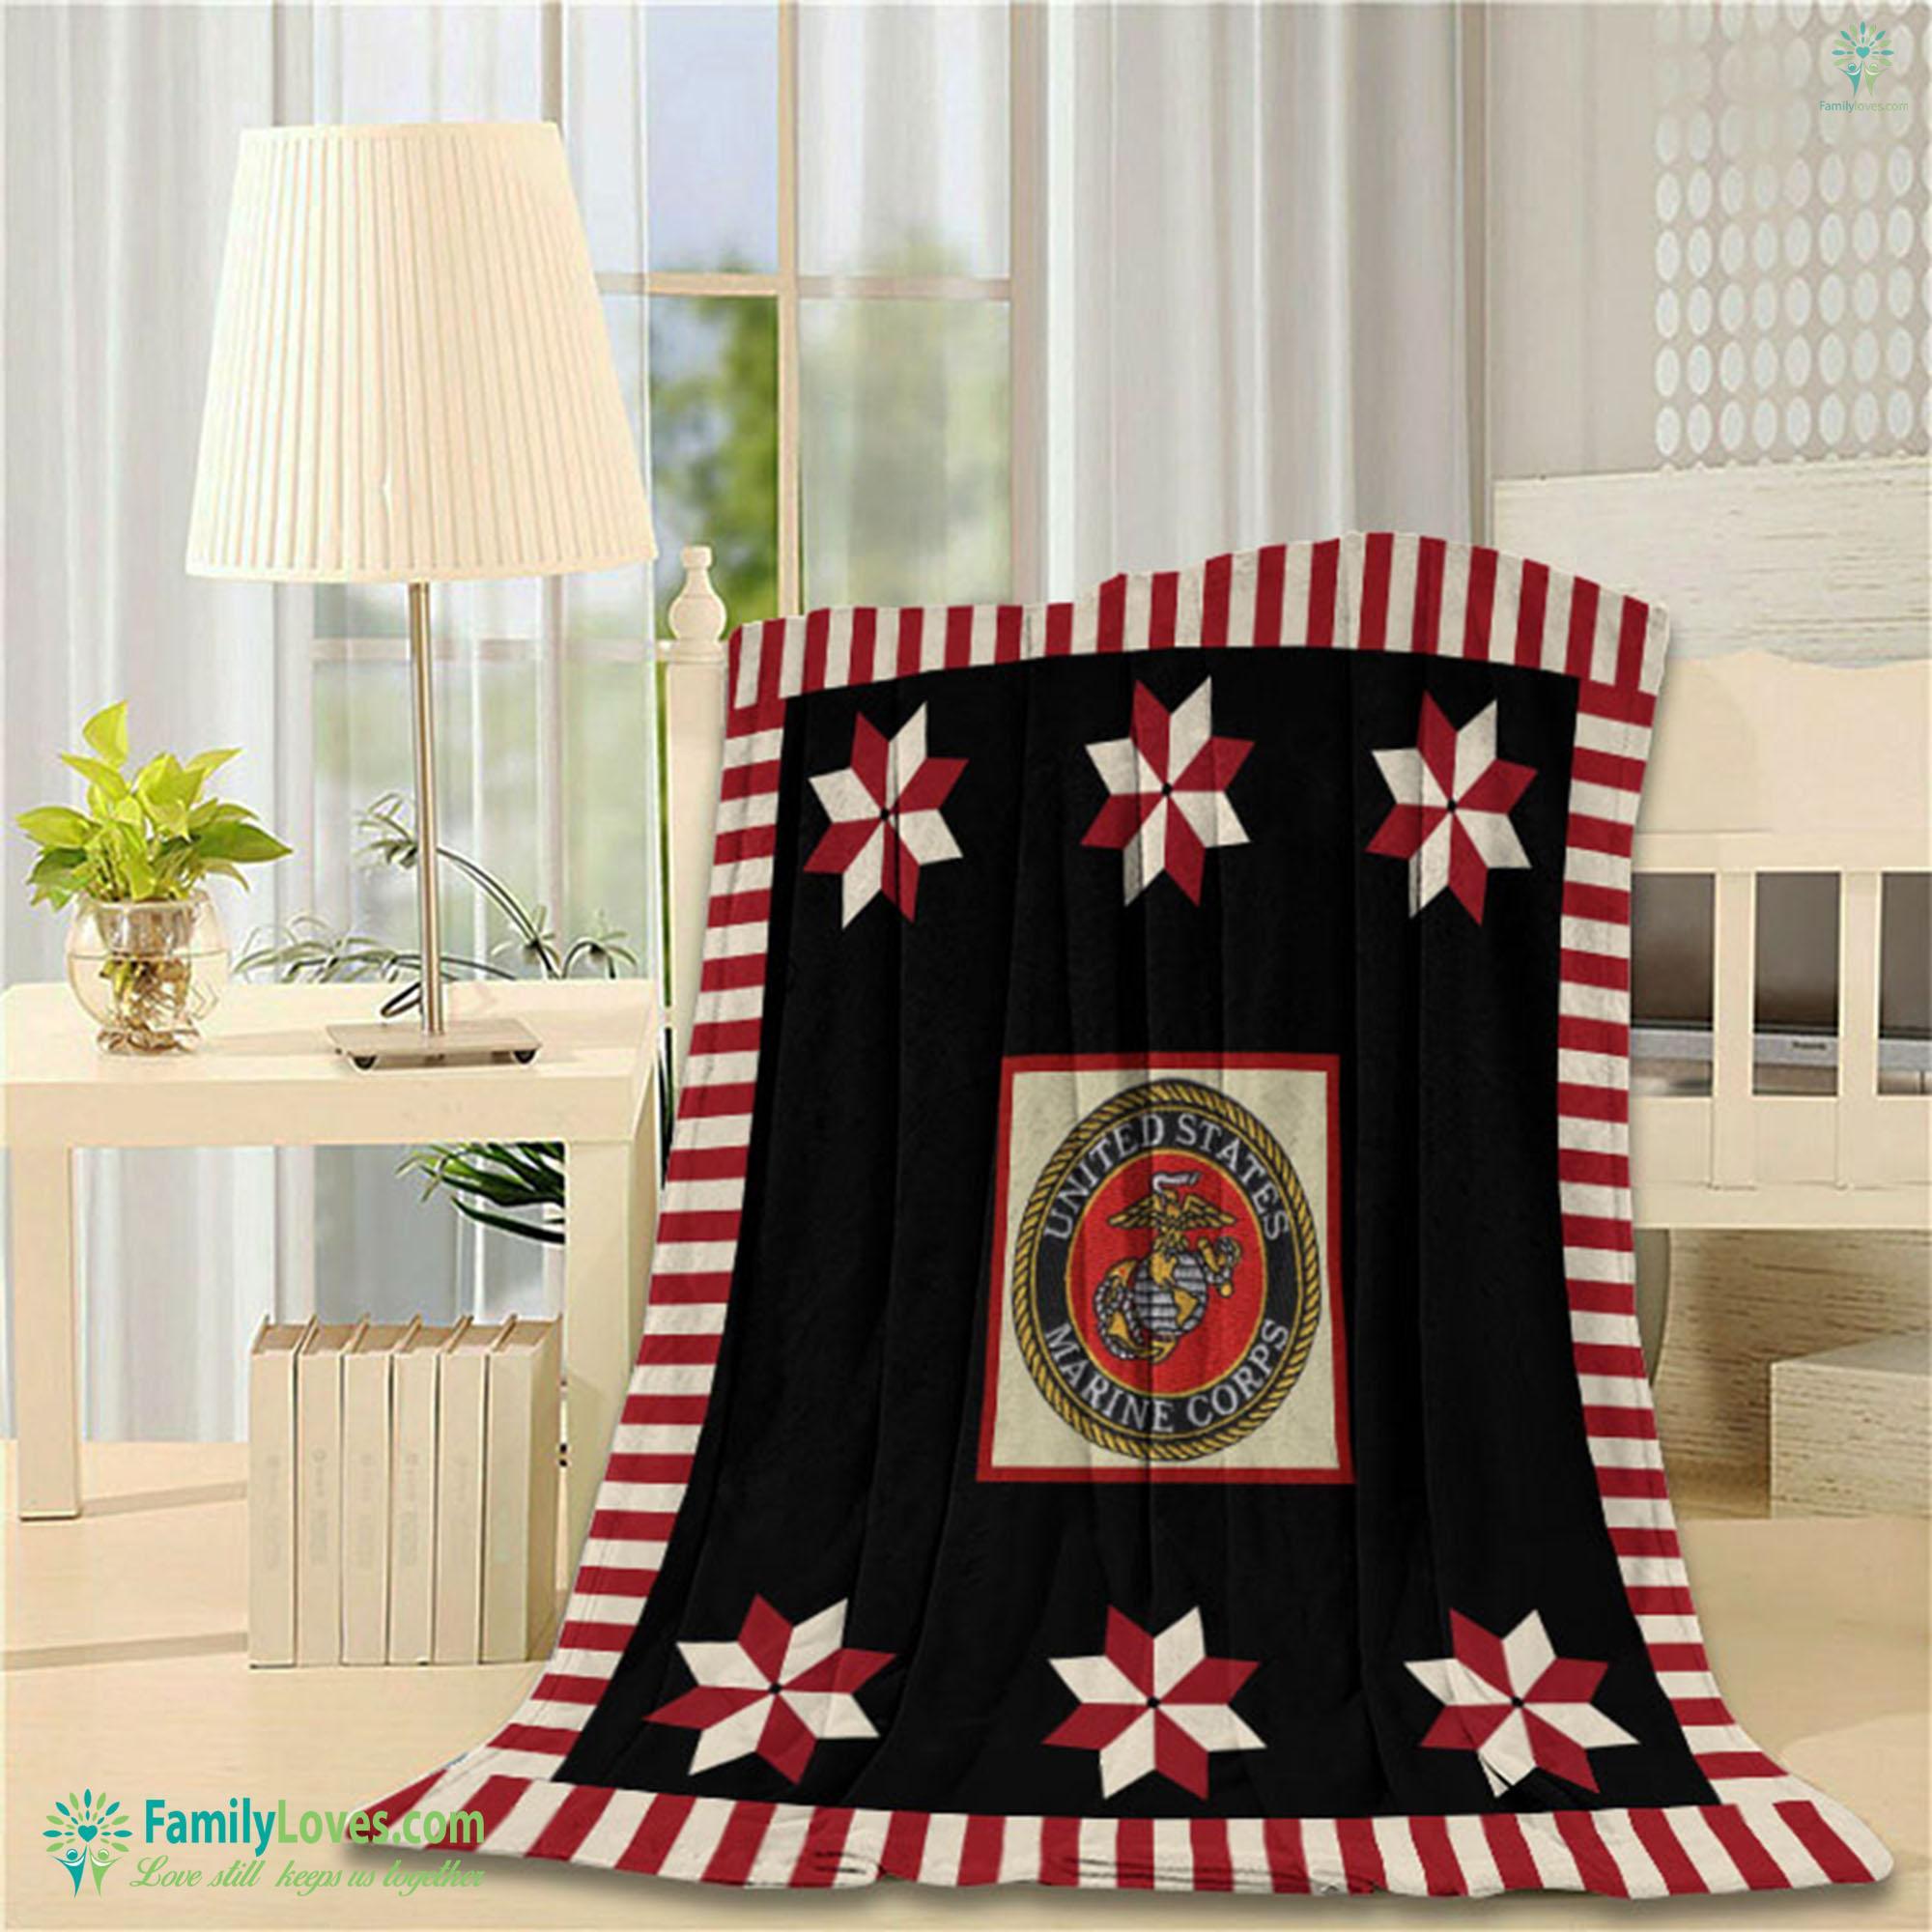 Us Marine Blanket 14 Familyloves.com